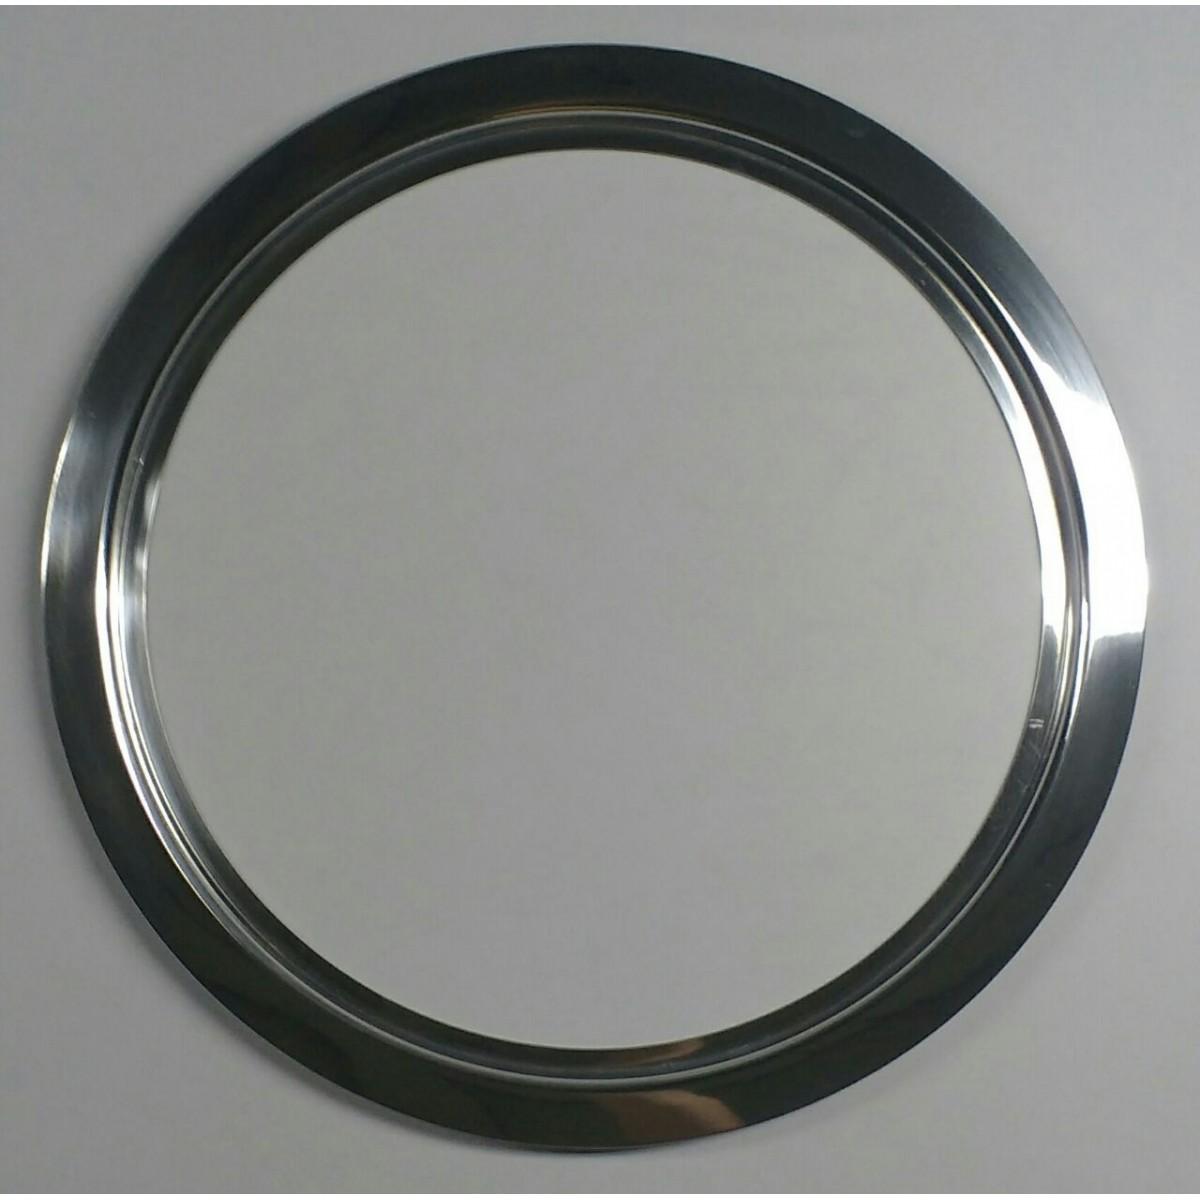 kit escotilha escovada em alumínio 39,5/46 cm com vidro incolor e silicone